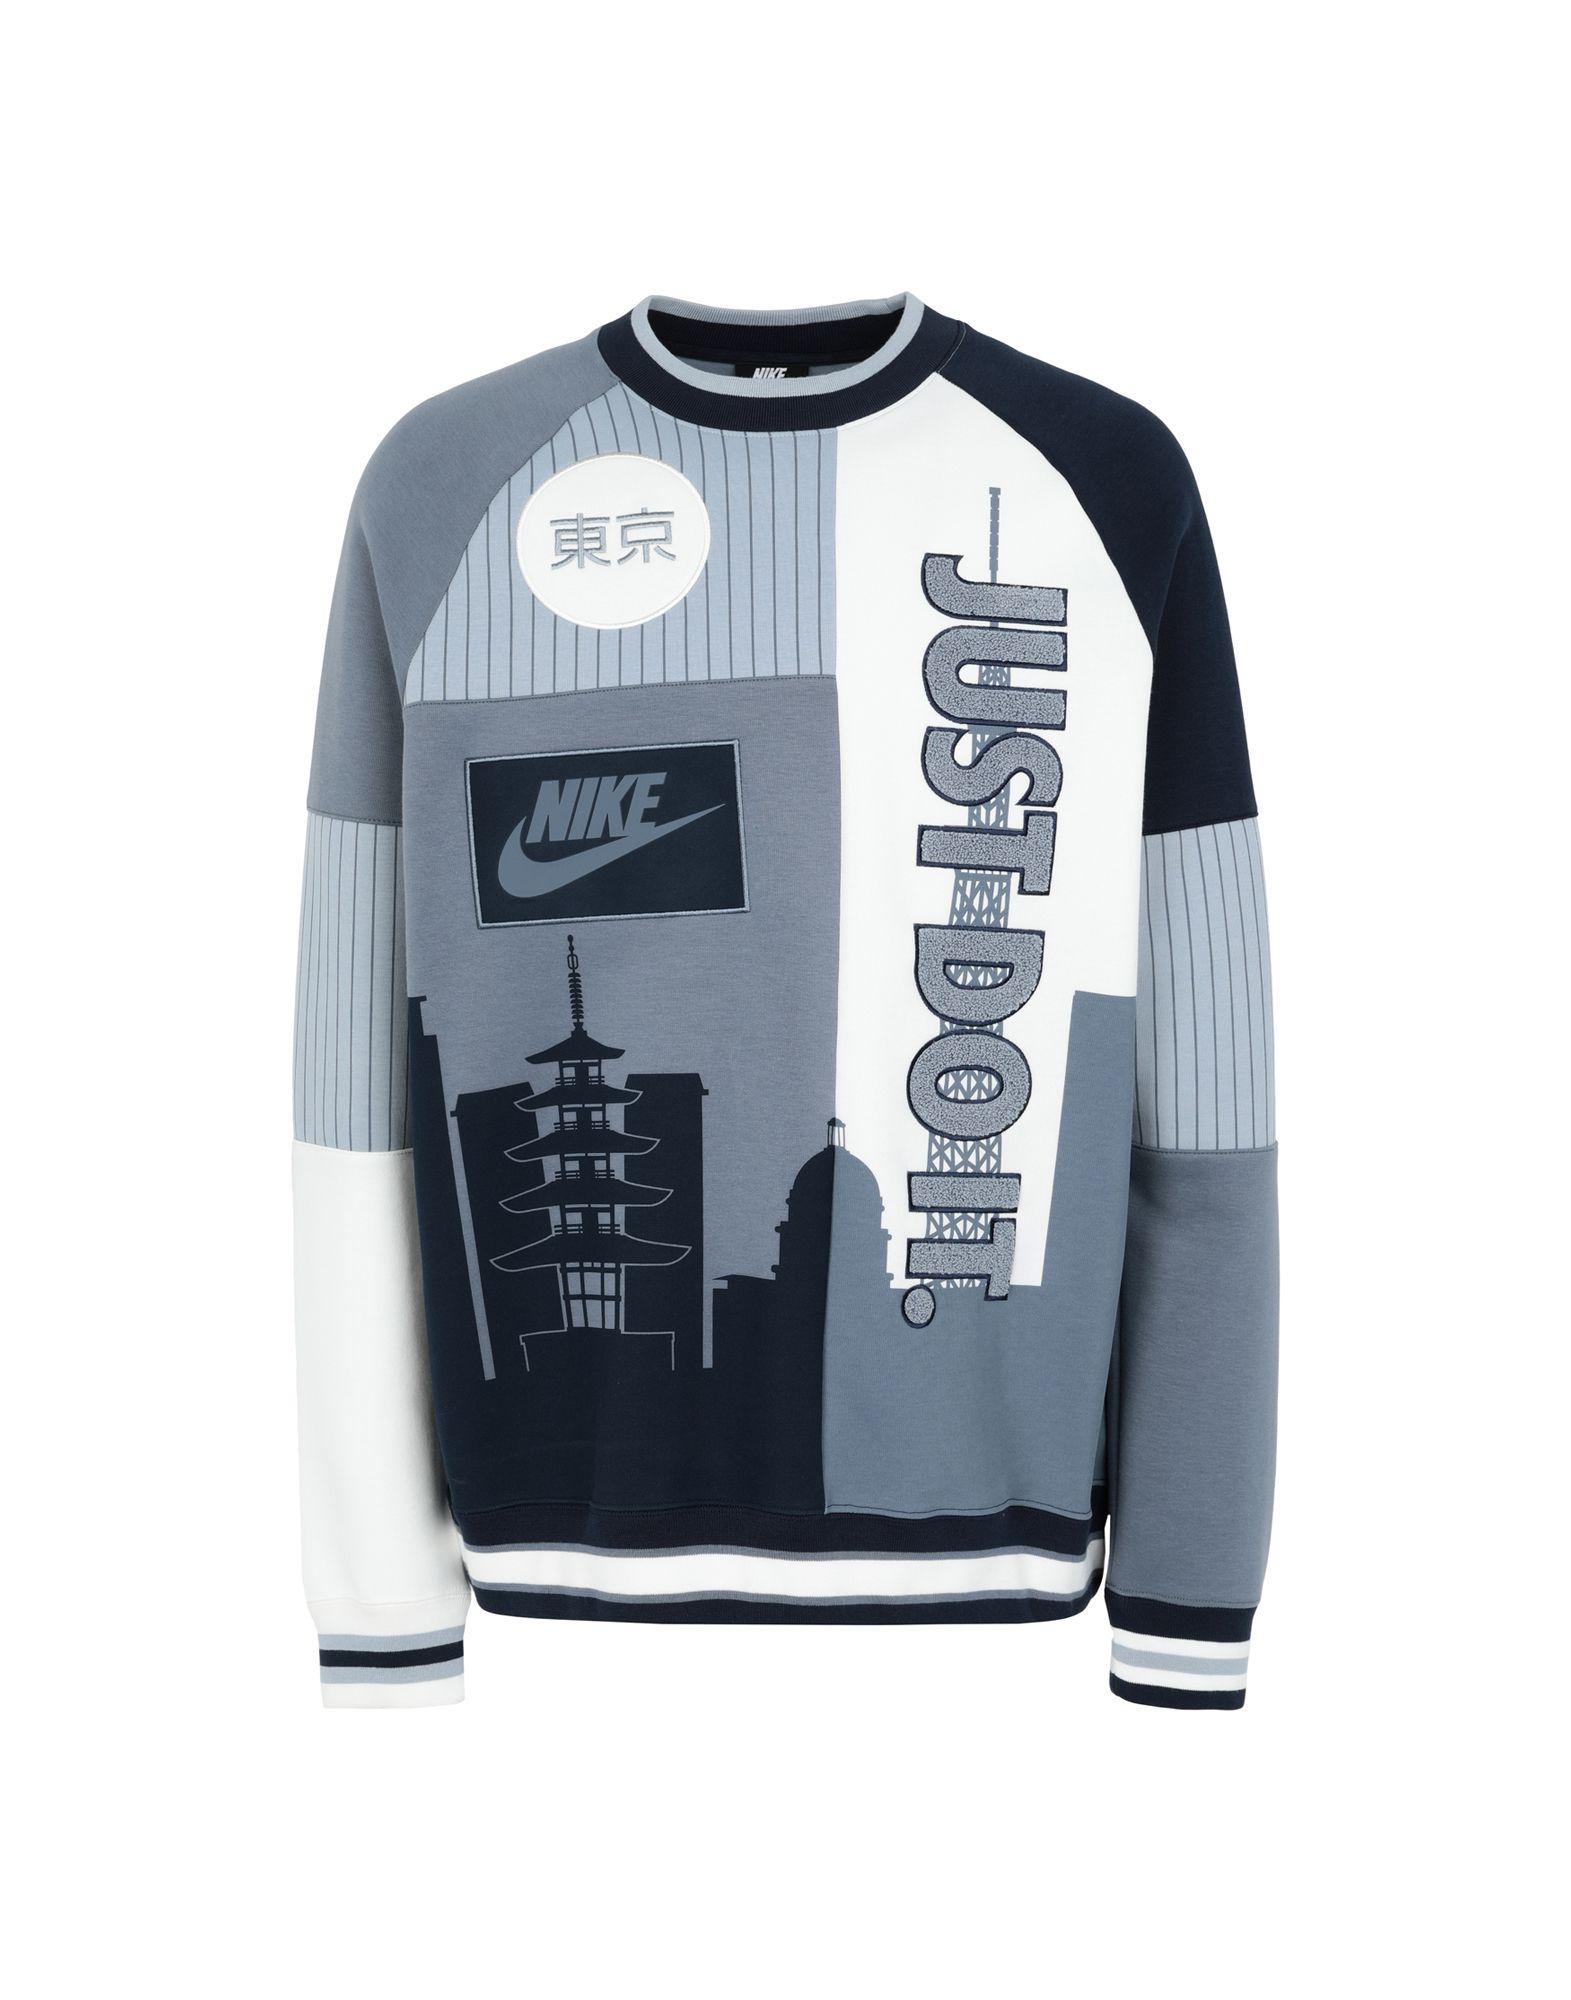 meet d4690 5f08c NIKE Sweatshirt - Jumpers and Sweatshirts | YOOX.COM